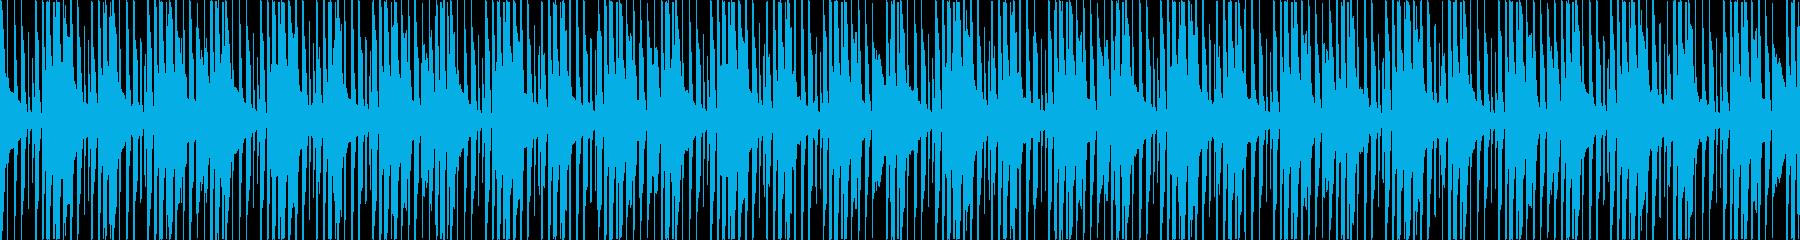 おしゃれ・日常・優しい・チルアウト・透明の再生済みの波形